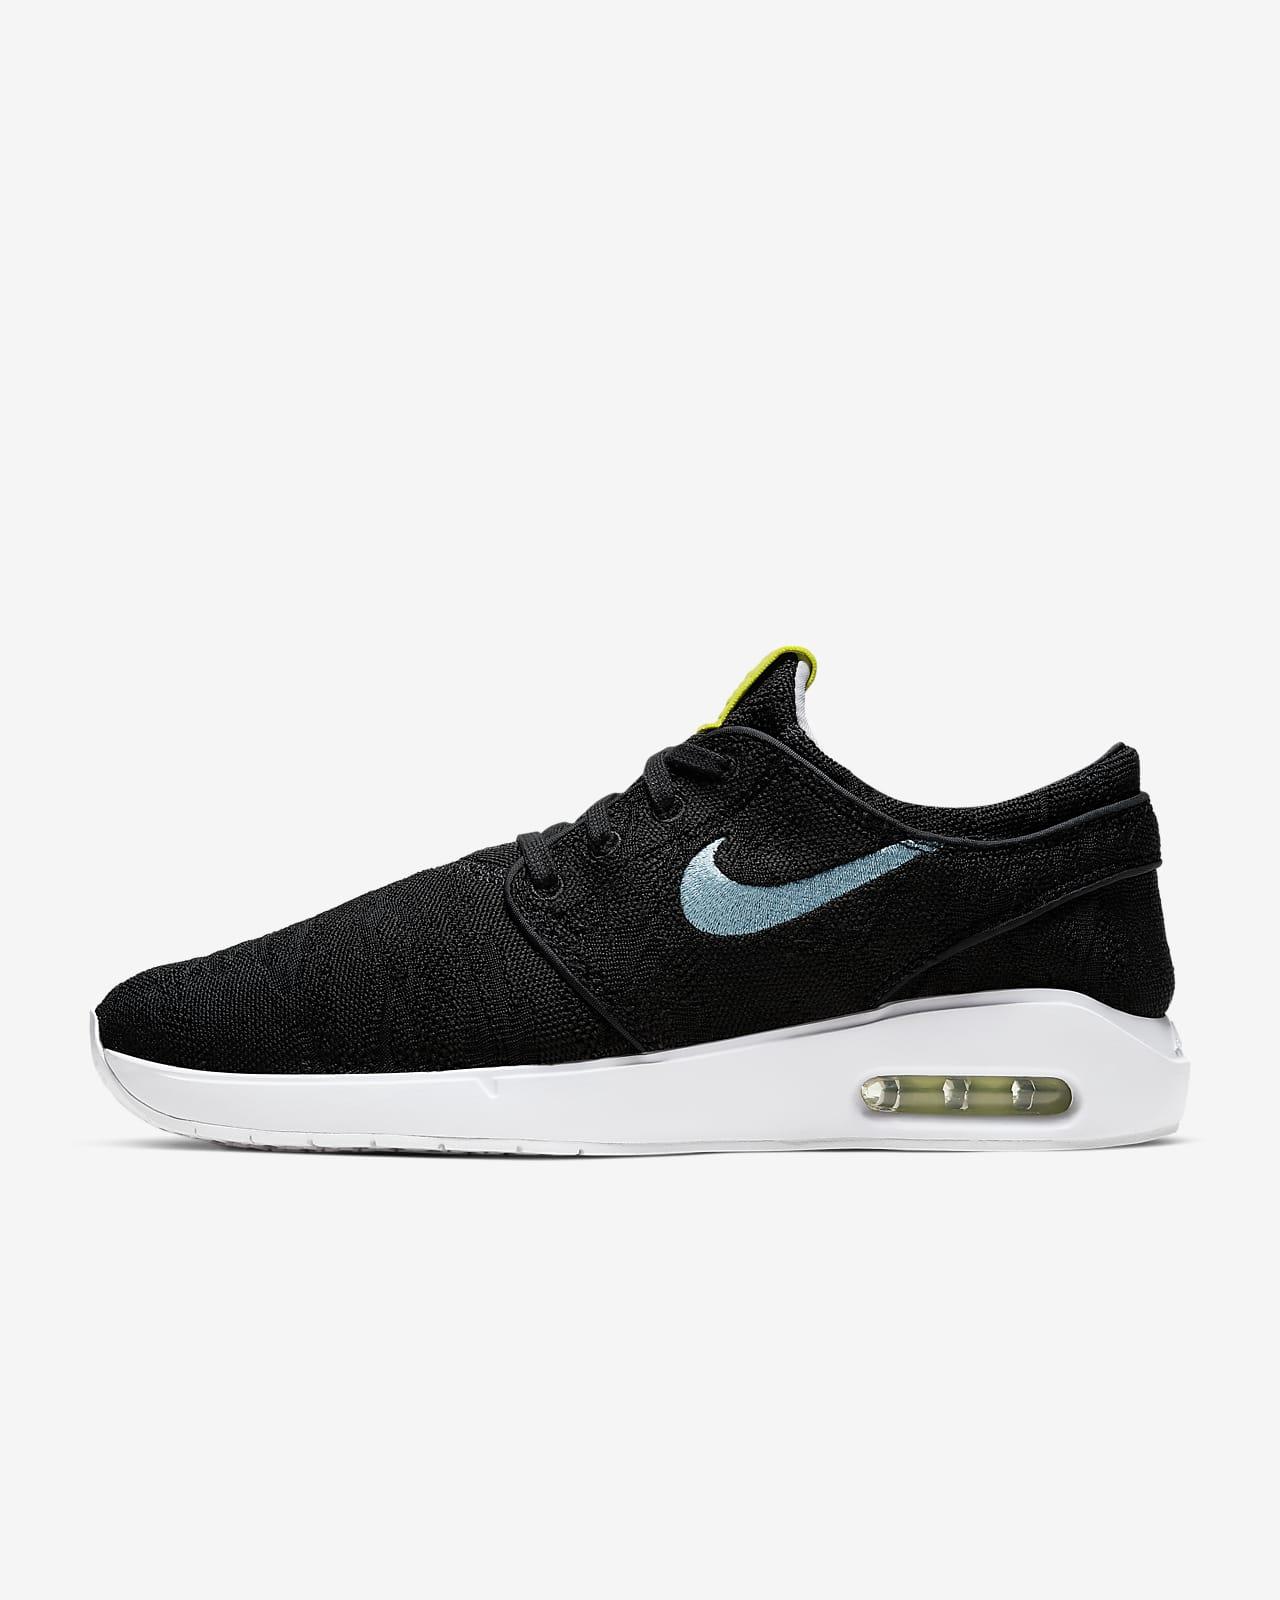 รองเท้าสเก็ตบอร์ด Nike SB Air Max Stefan Janoski 2